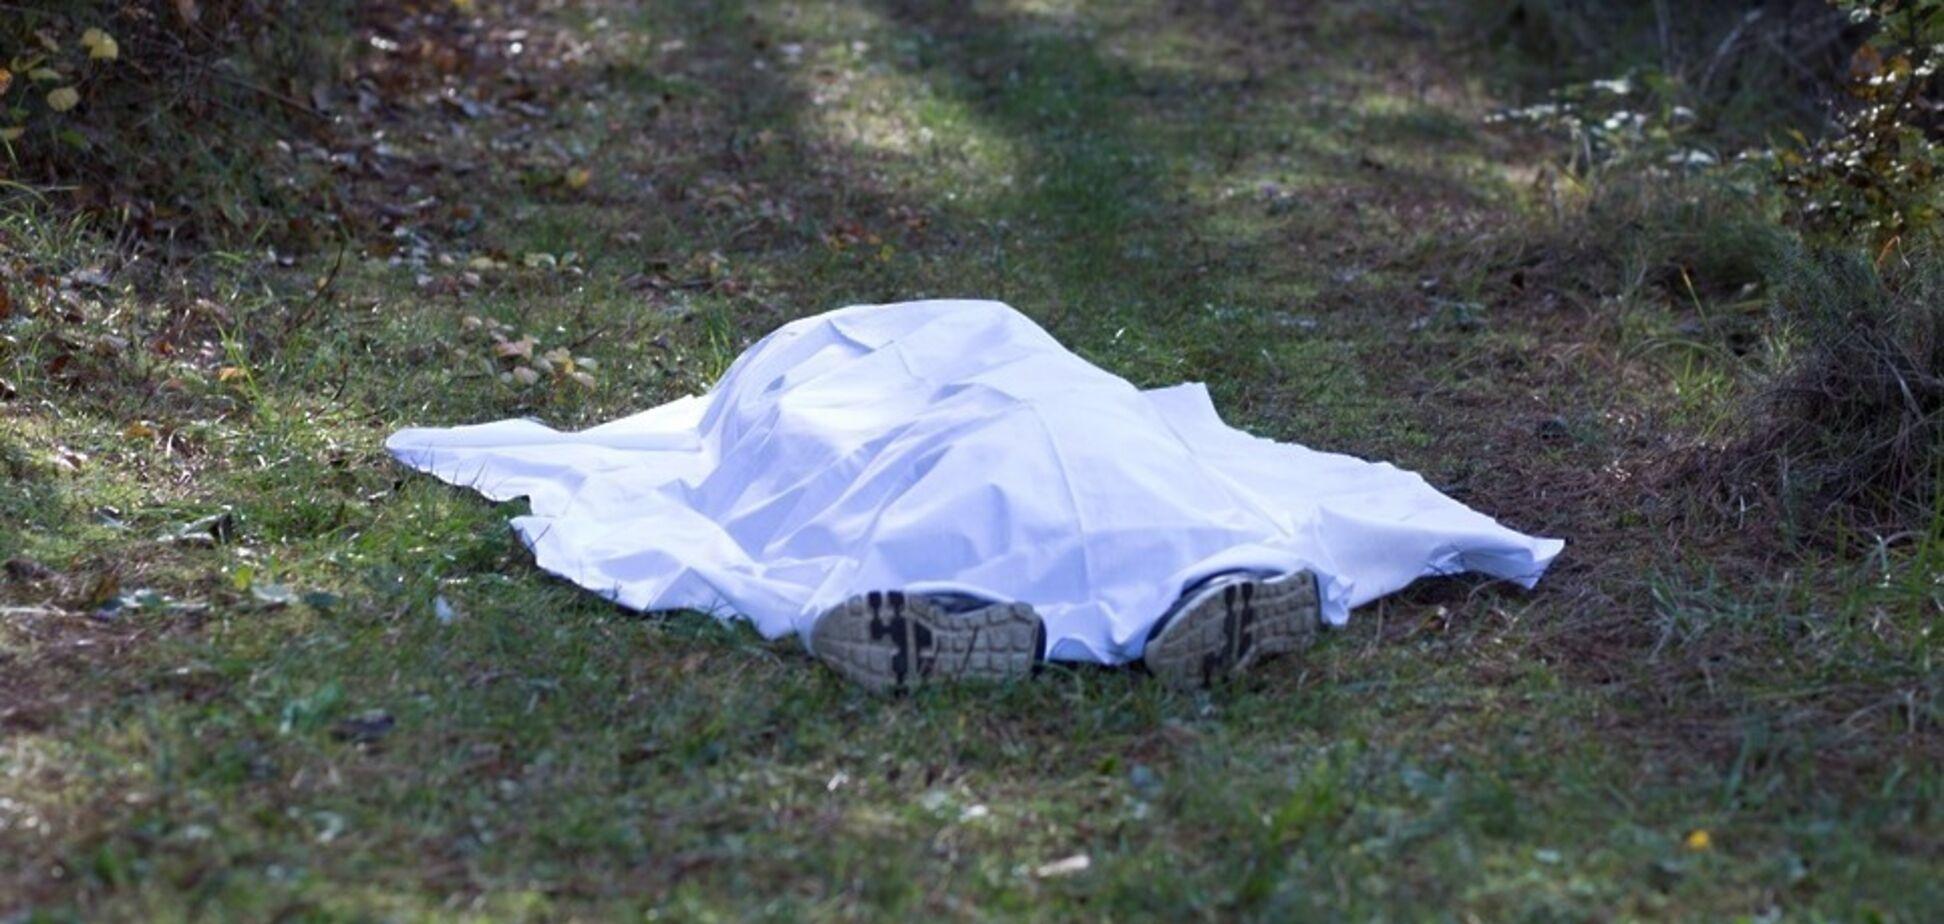 Лежал под деревом: в Кривом Роге нашли мертвого мужчину. Фото 18+